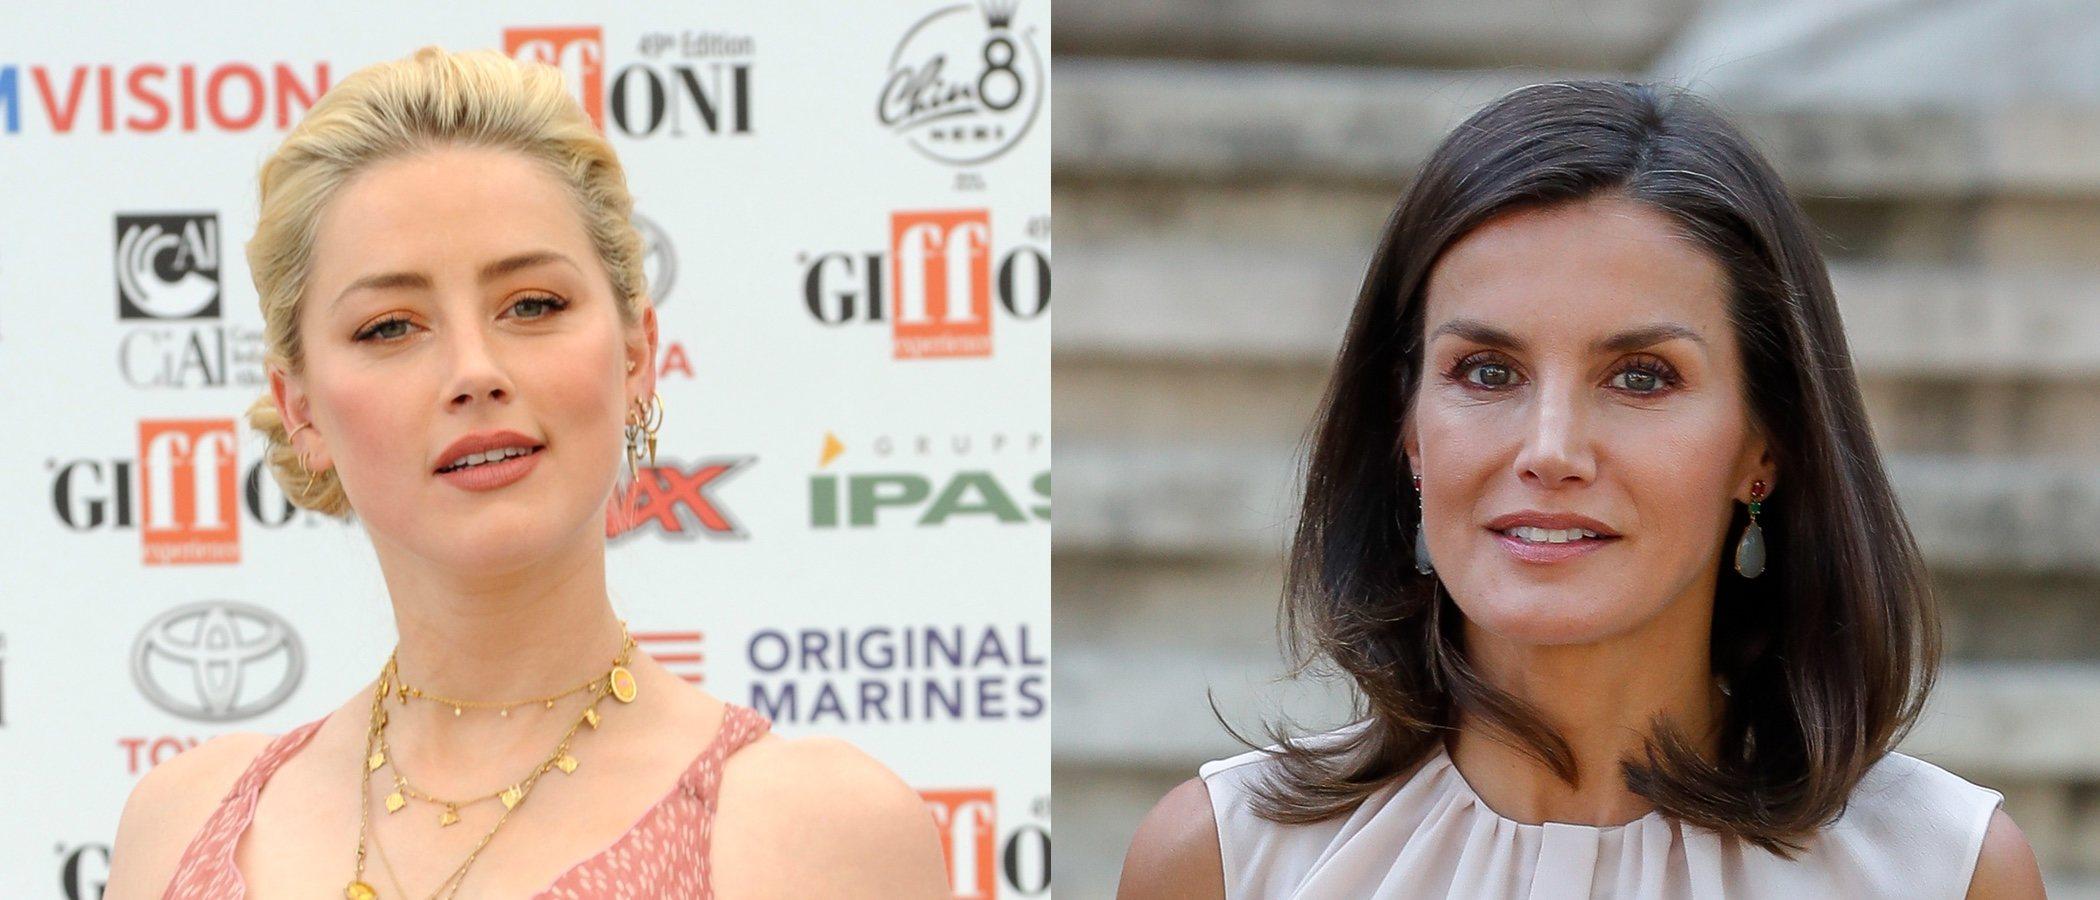 La Reina Letizia y Amber Heard se coronan en el top five con los mejores beauty looks de la semana